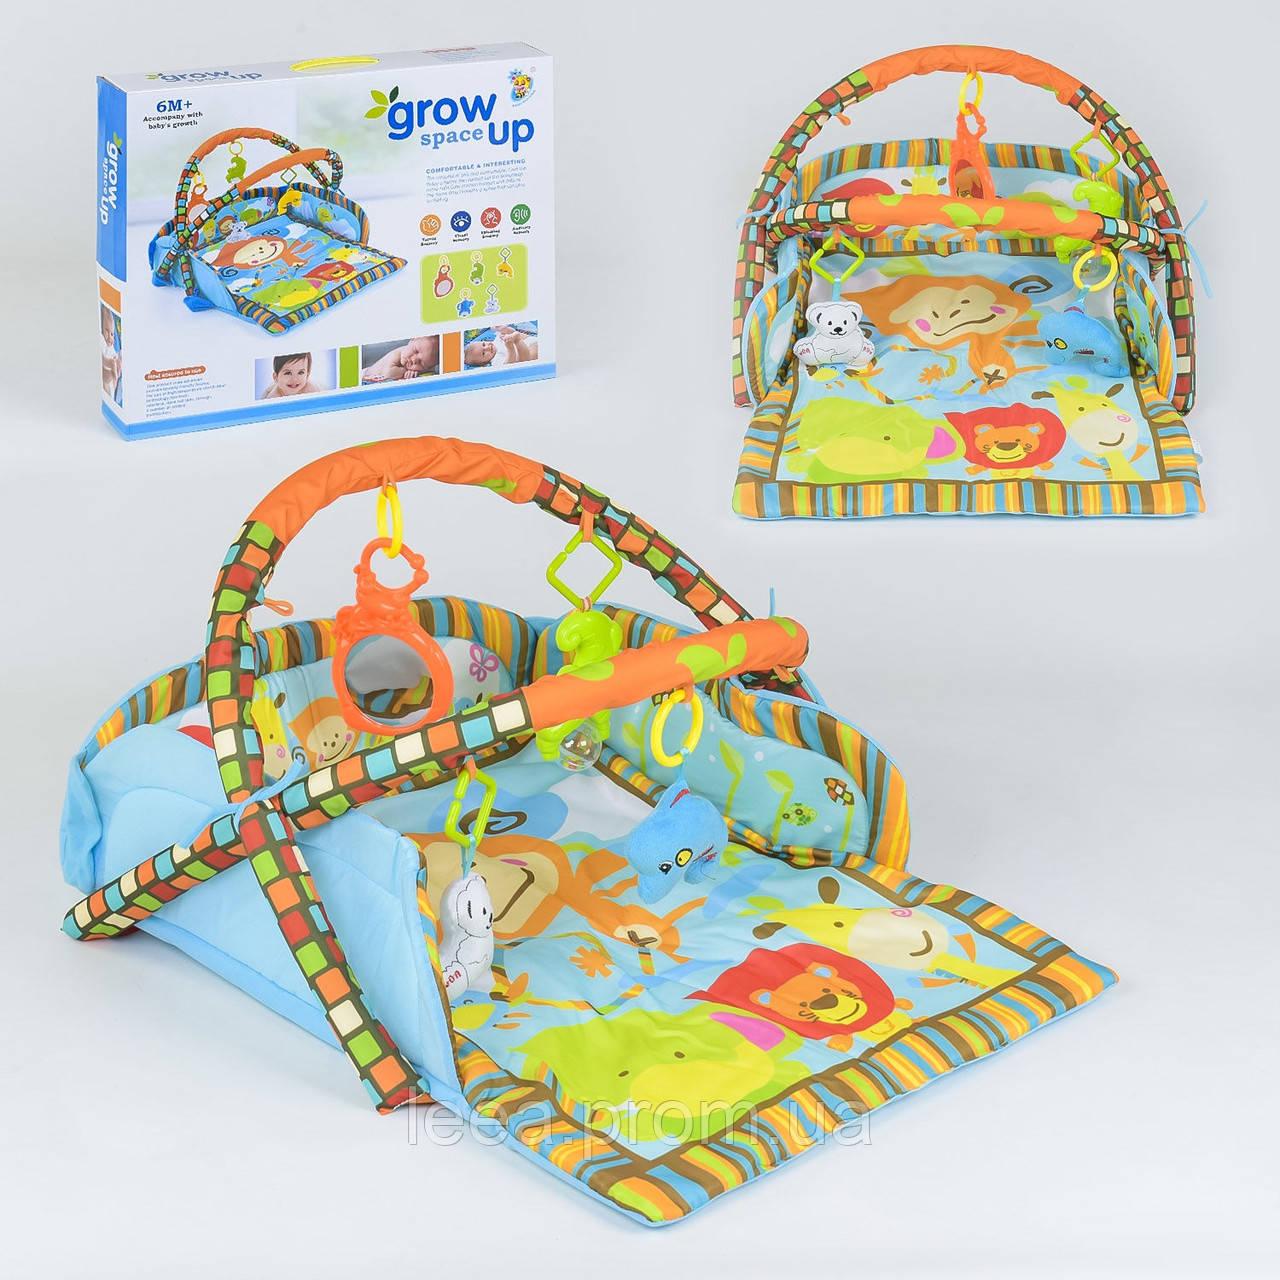 Развивающий музыкальный коврик с мягкими бортика D 106 и подвесными игрушками